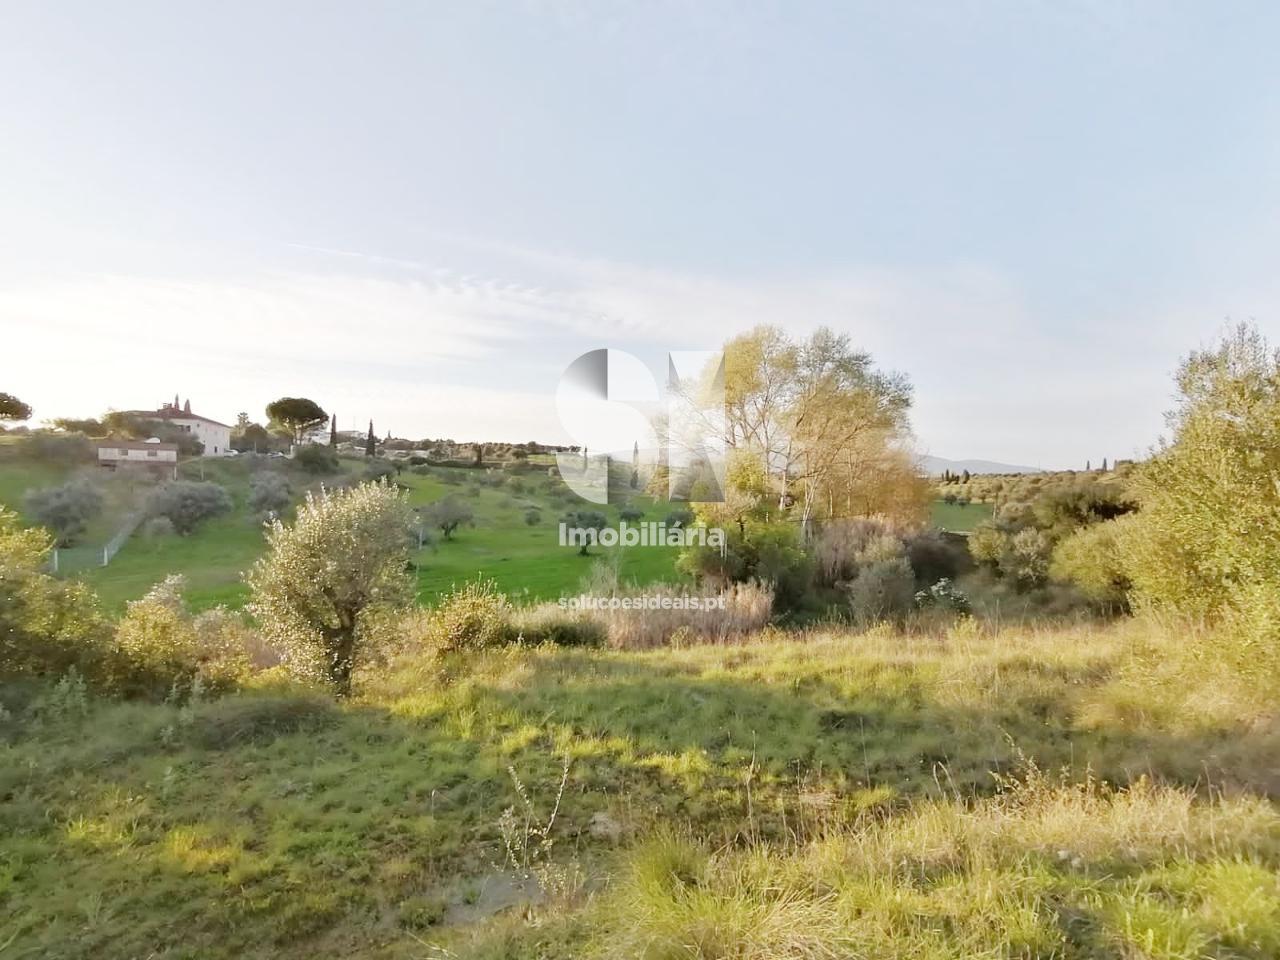 terreno t0 para compra em torres novas uniao das freguesias de torres novas santa maria salvador e santiago TNVAM42